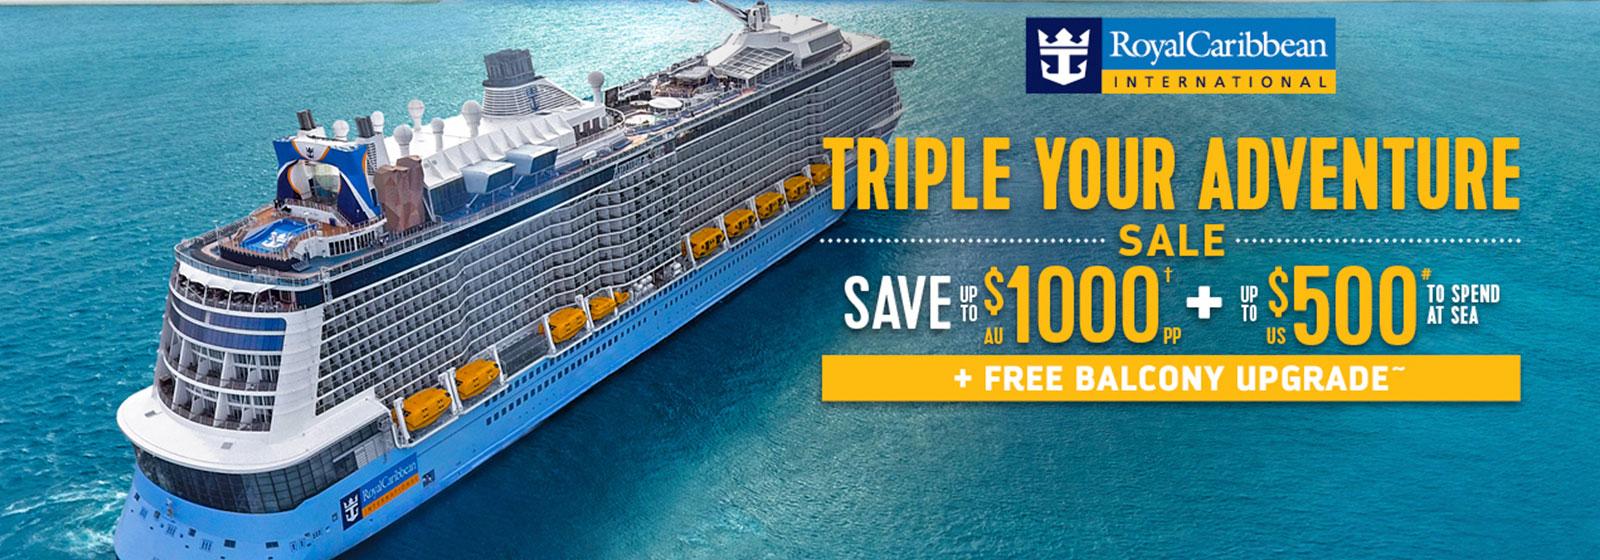 RCL - Triple Your Adventure Sale